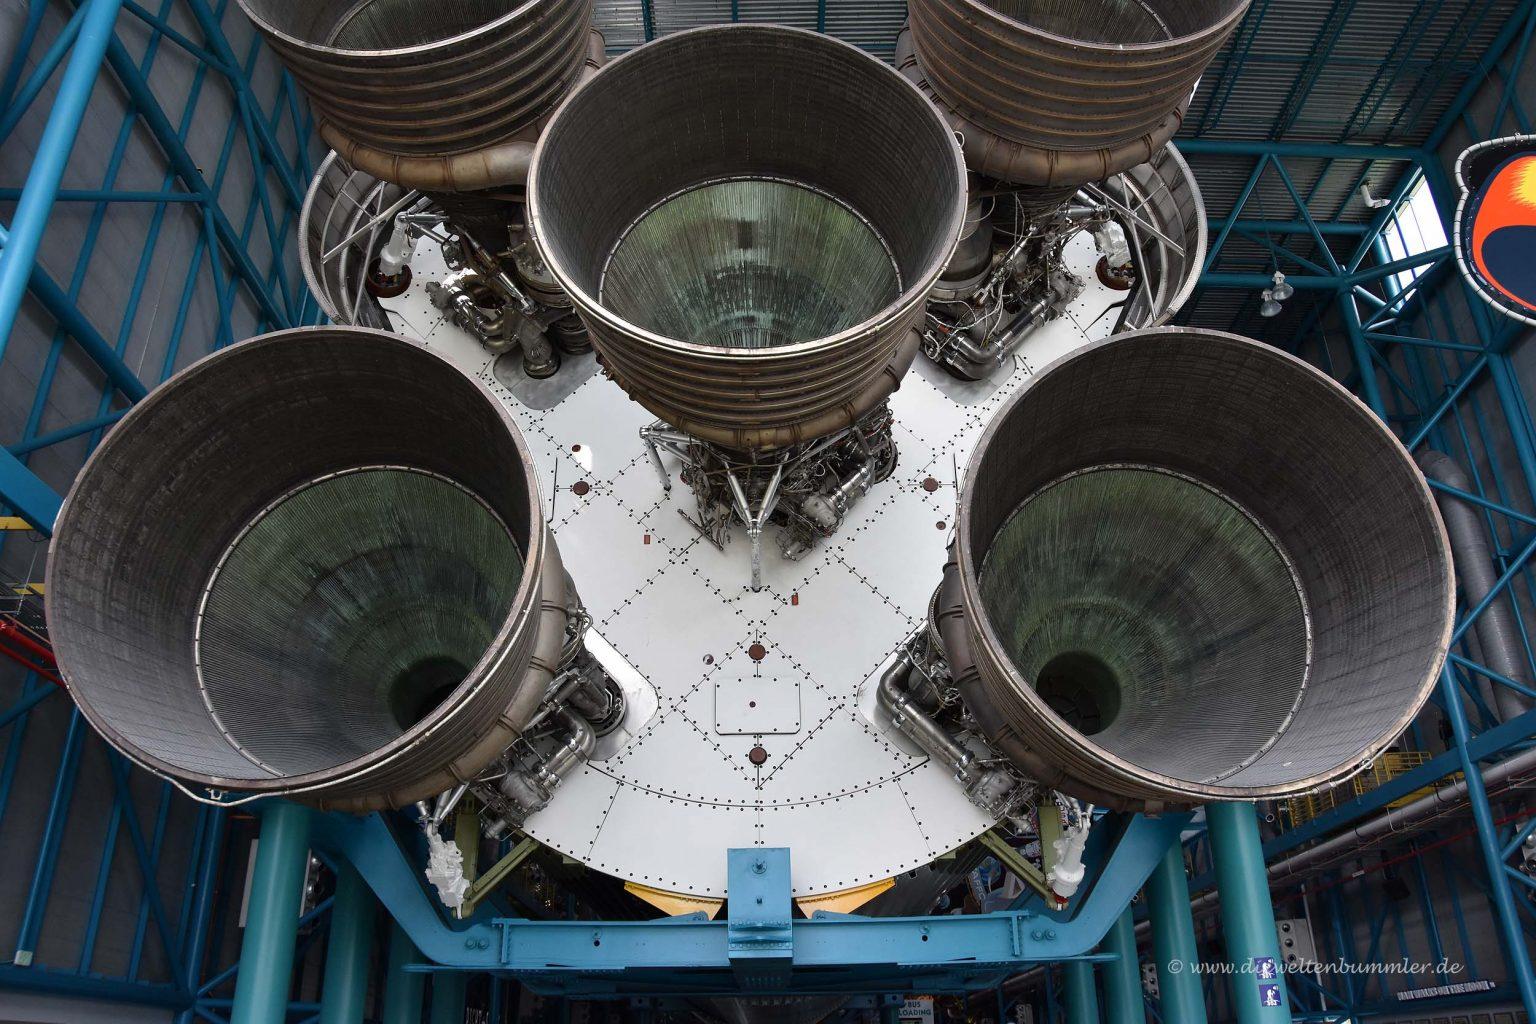 Antrieb der Saturn V